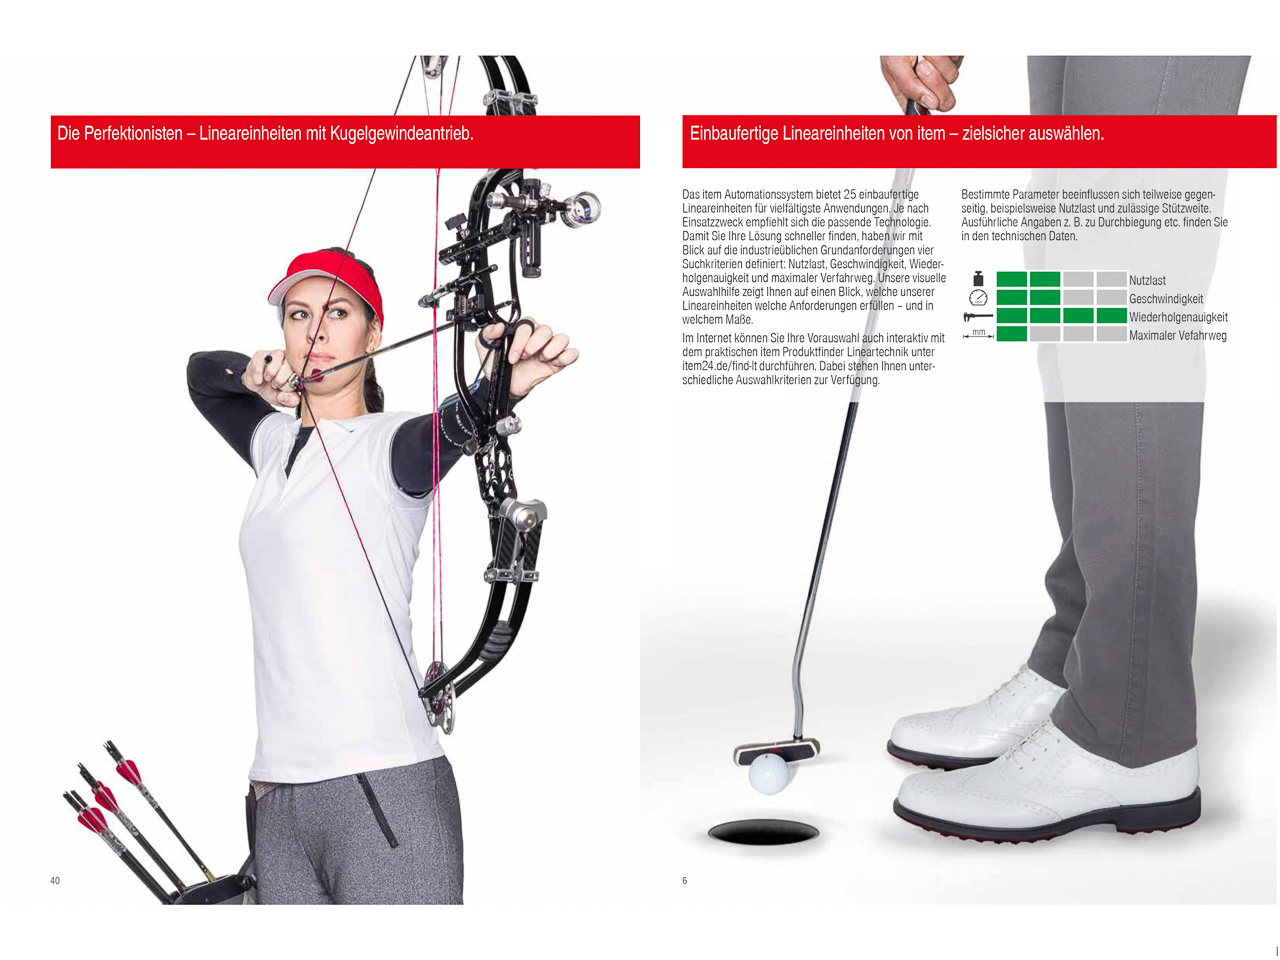 Sportfotografie für item Industrietechnik